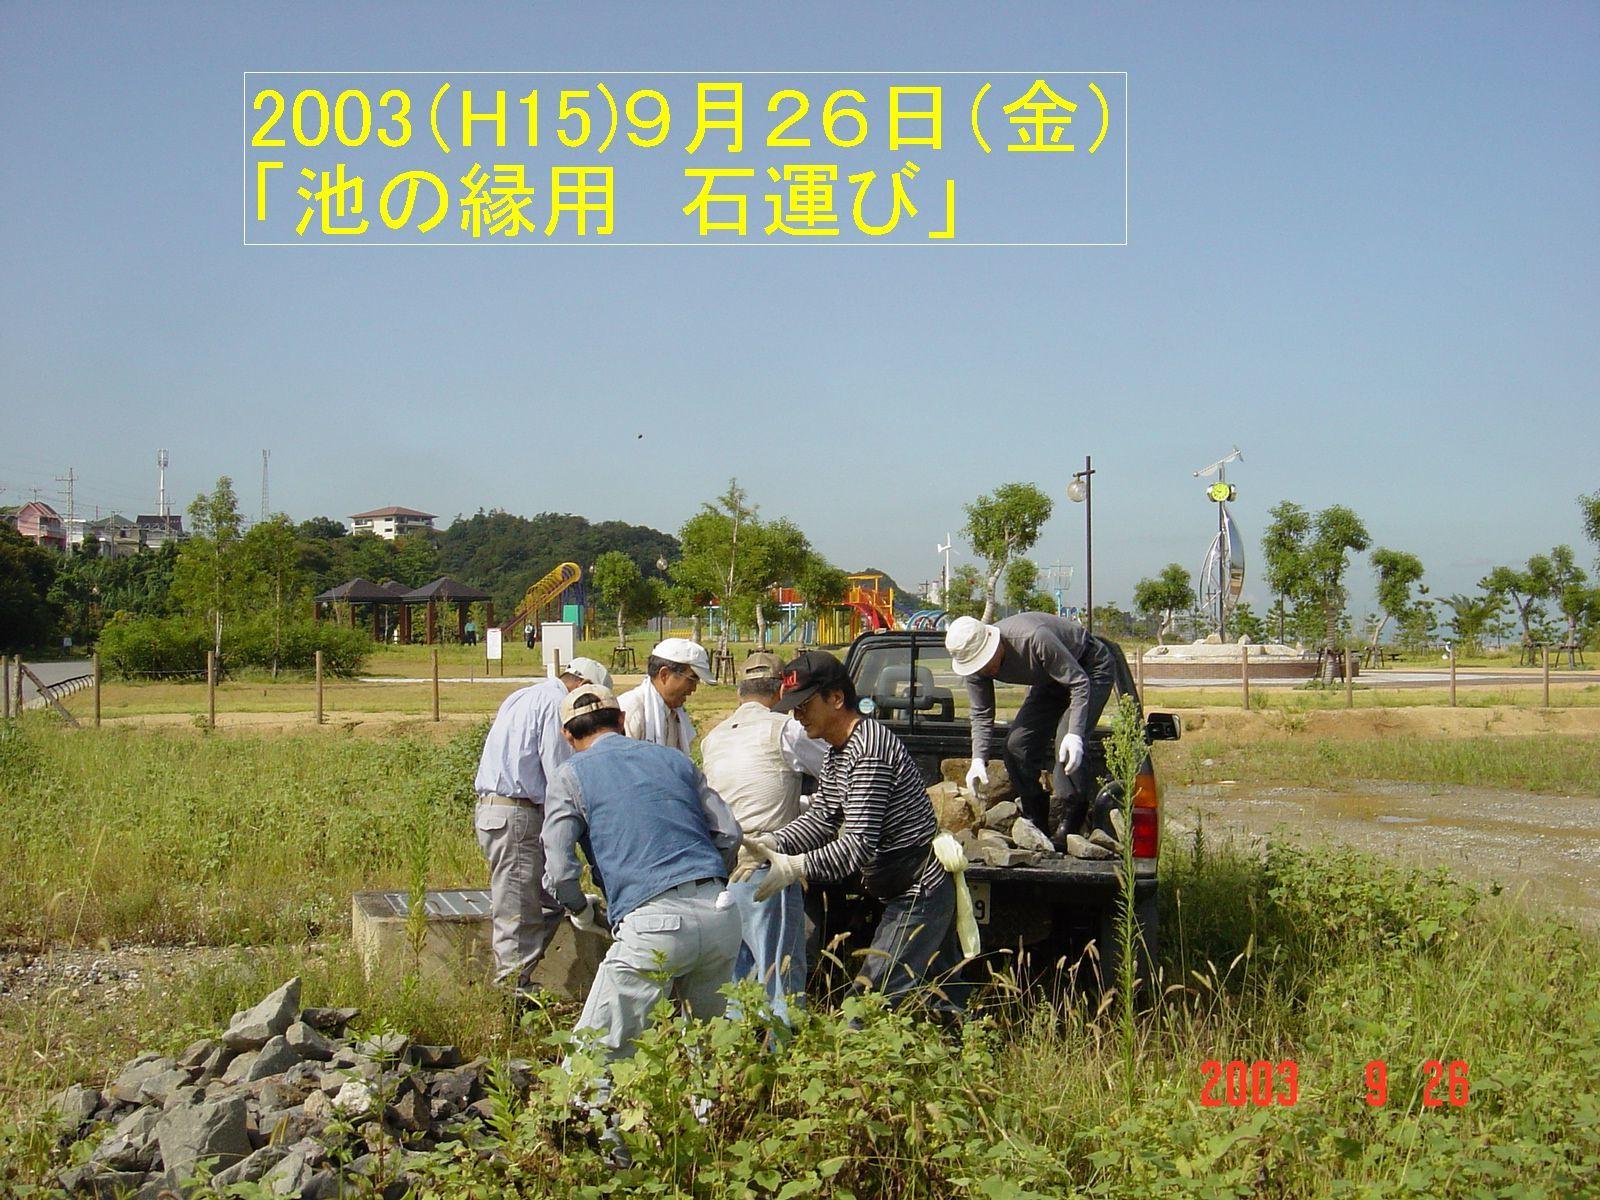 うみべの森の歴史⑮「2003年9月の活動」_c0108460_12244504.jpg